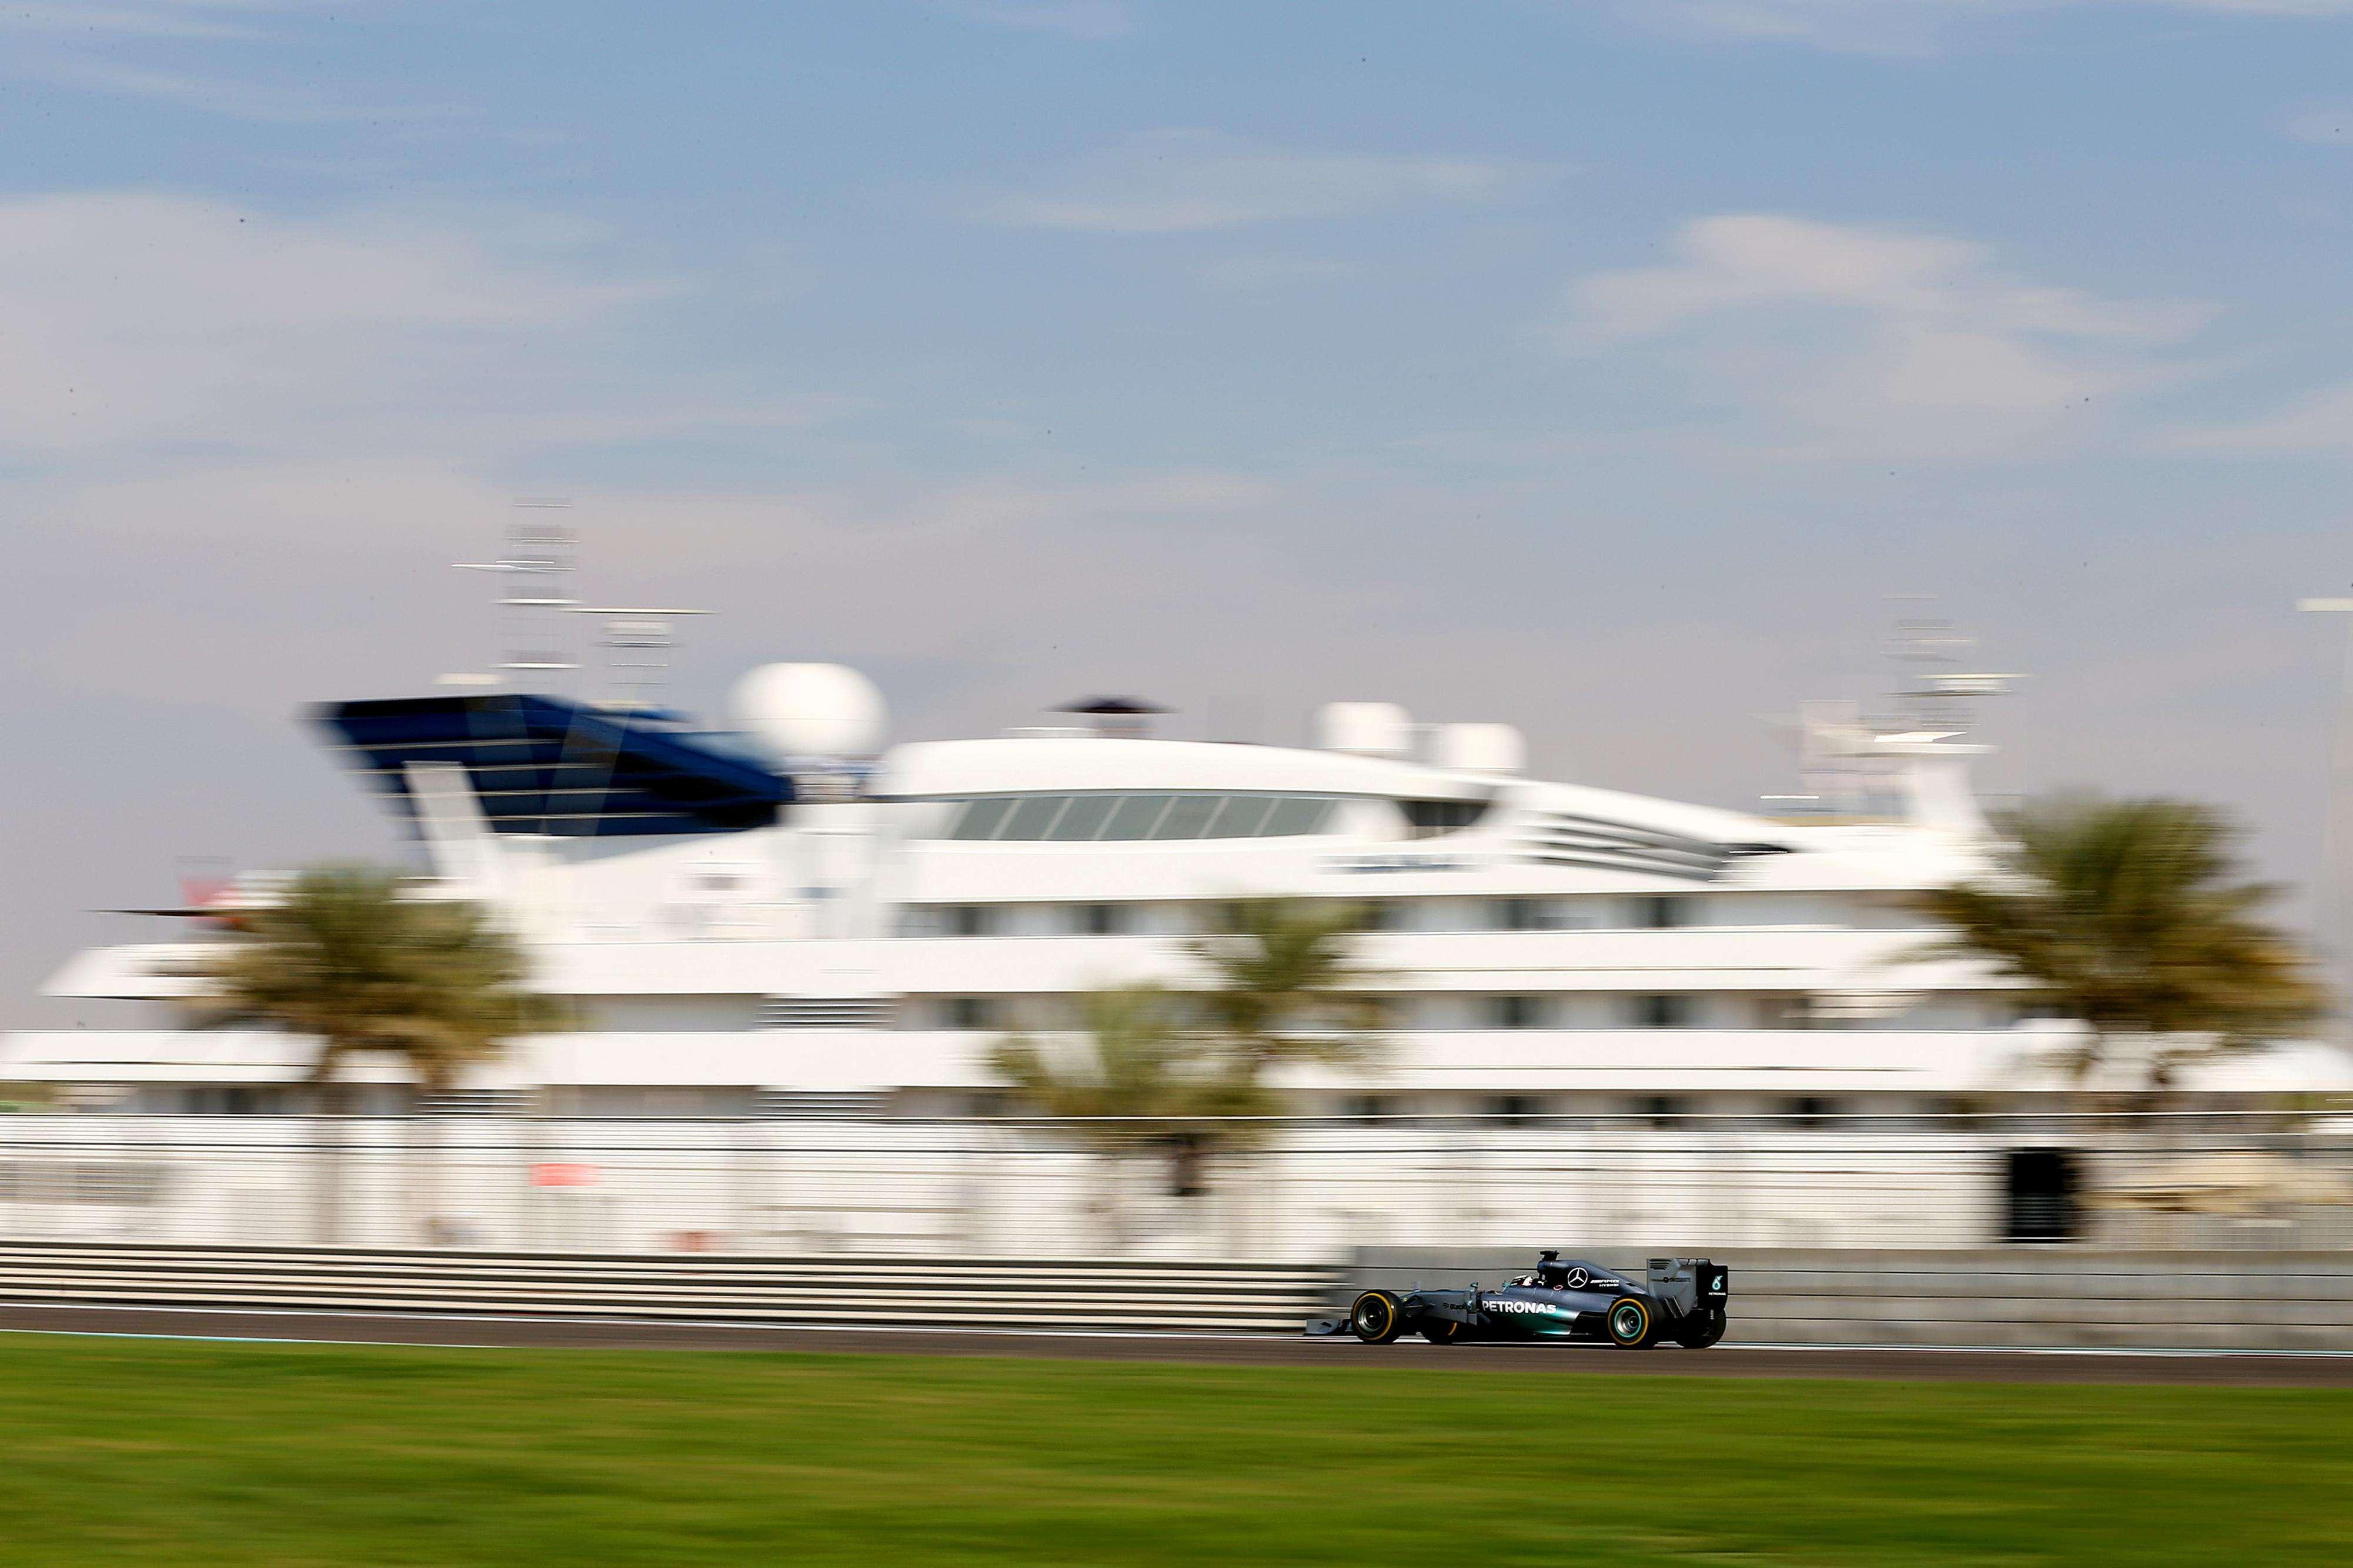 Hamilton nem precisa vencer em Abu Dhabi para ser campeão Foto: Clive Mason/Getty Images